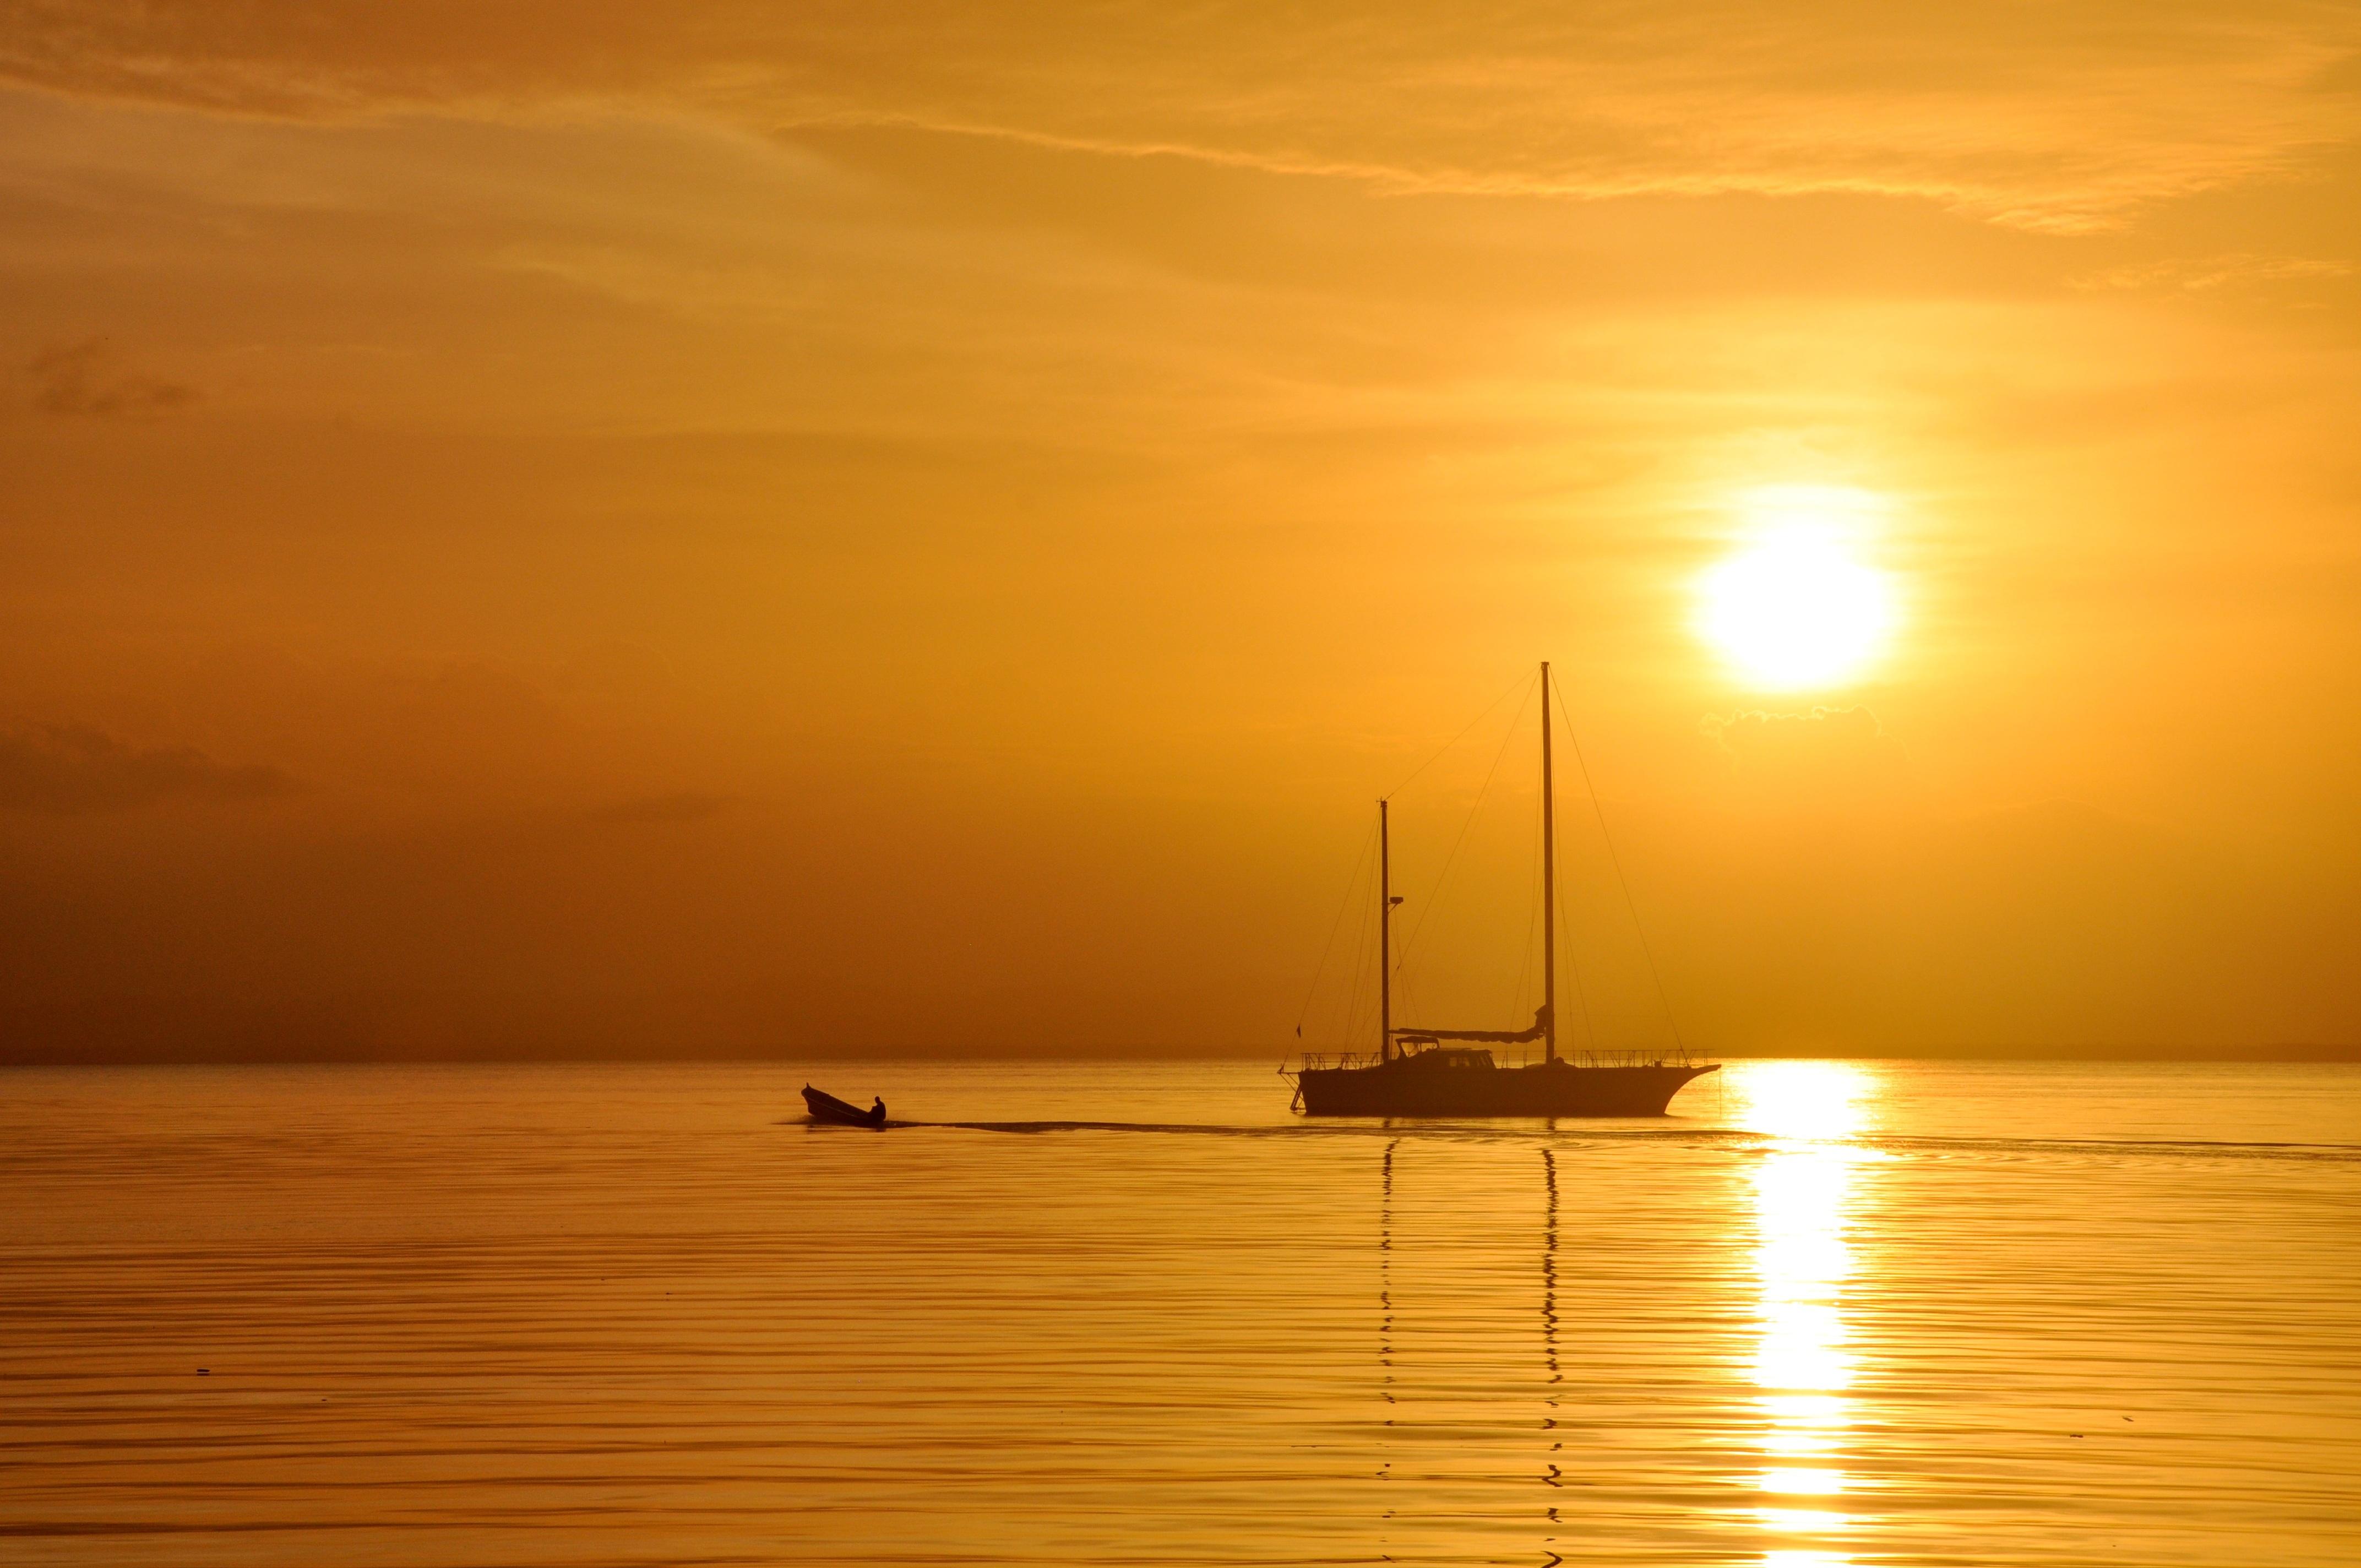 море солнце закат яхта скачать